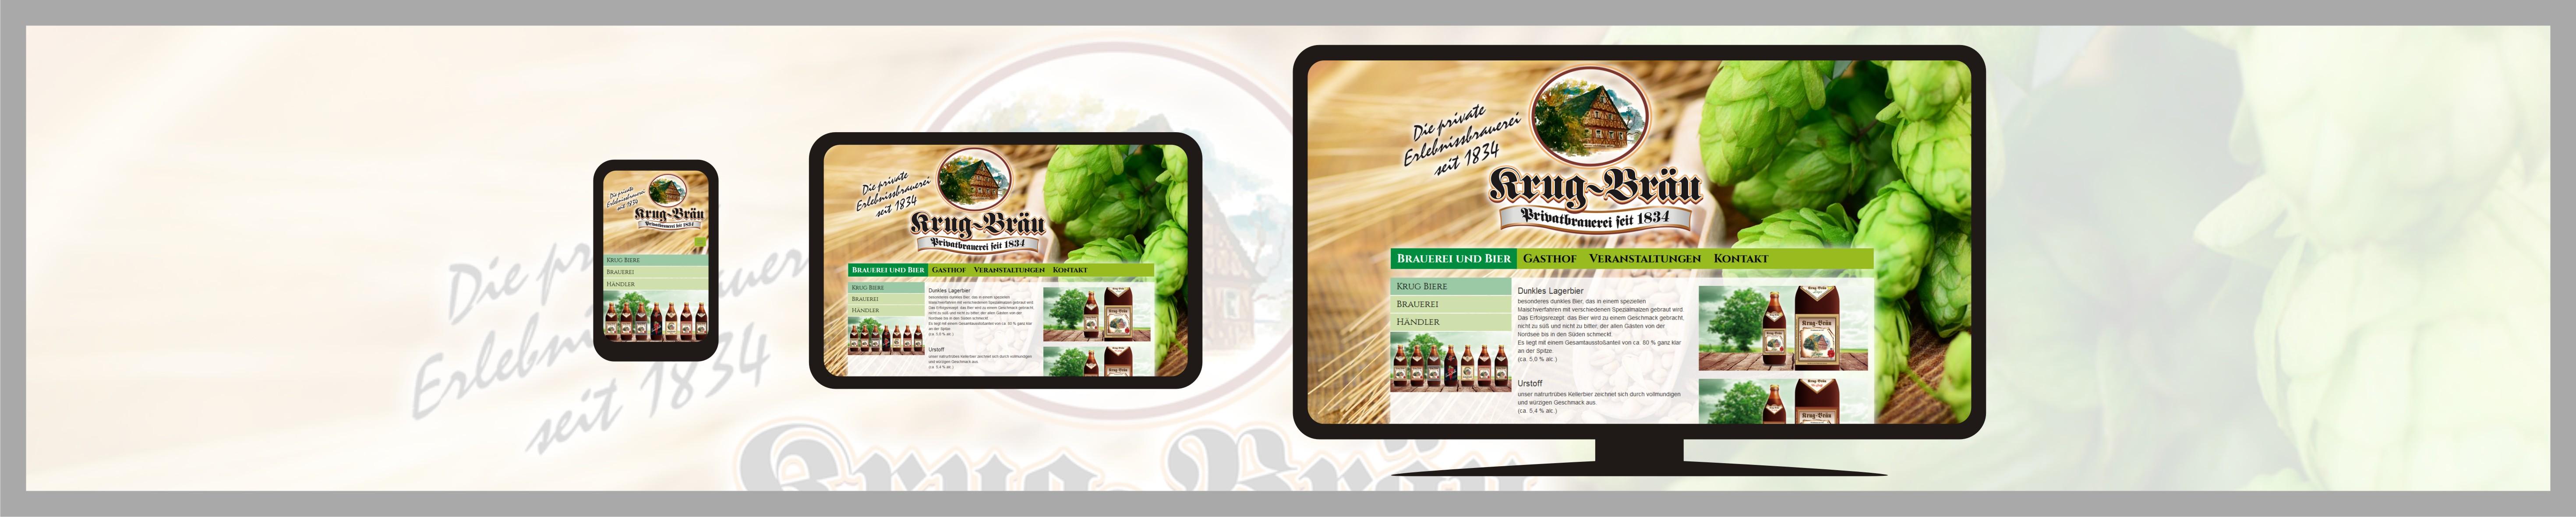 responsive TYPO3 Webseite Brauerei Krug